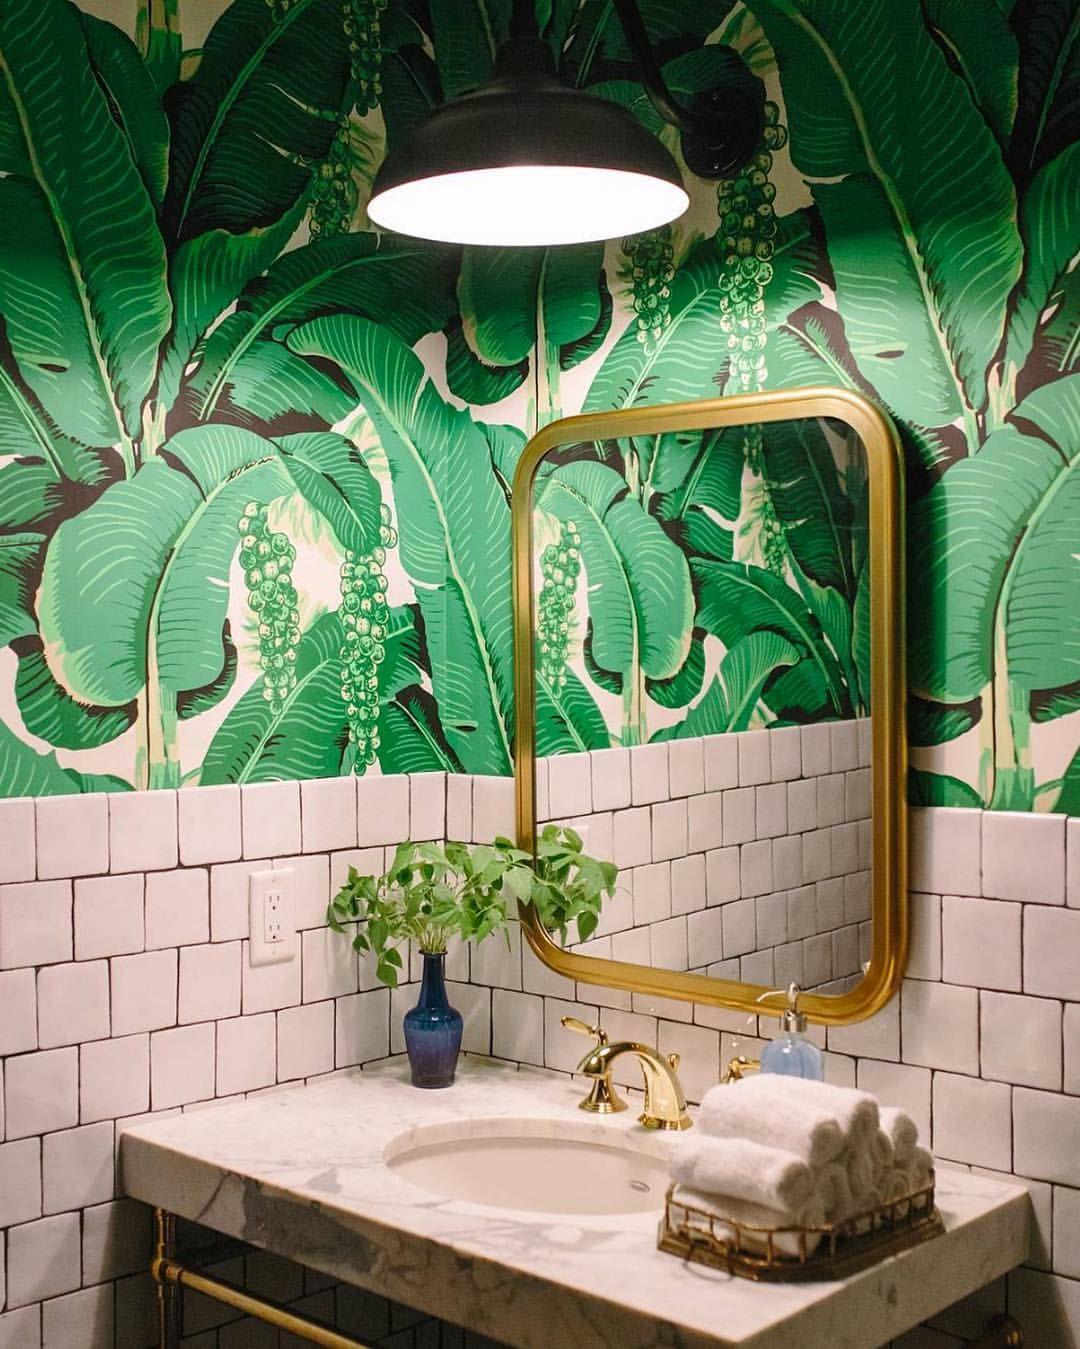 Pingl par datcha inspire d coration sur s lles 2 bain ba os verdes decorar ba os et - Salle de bain tropicale ...